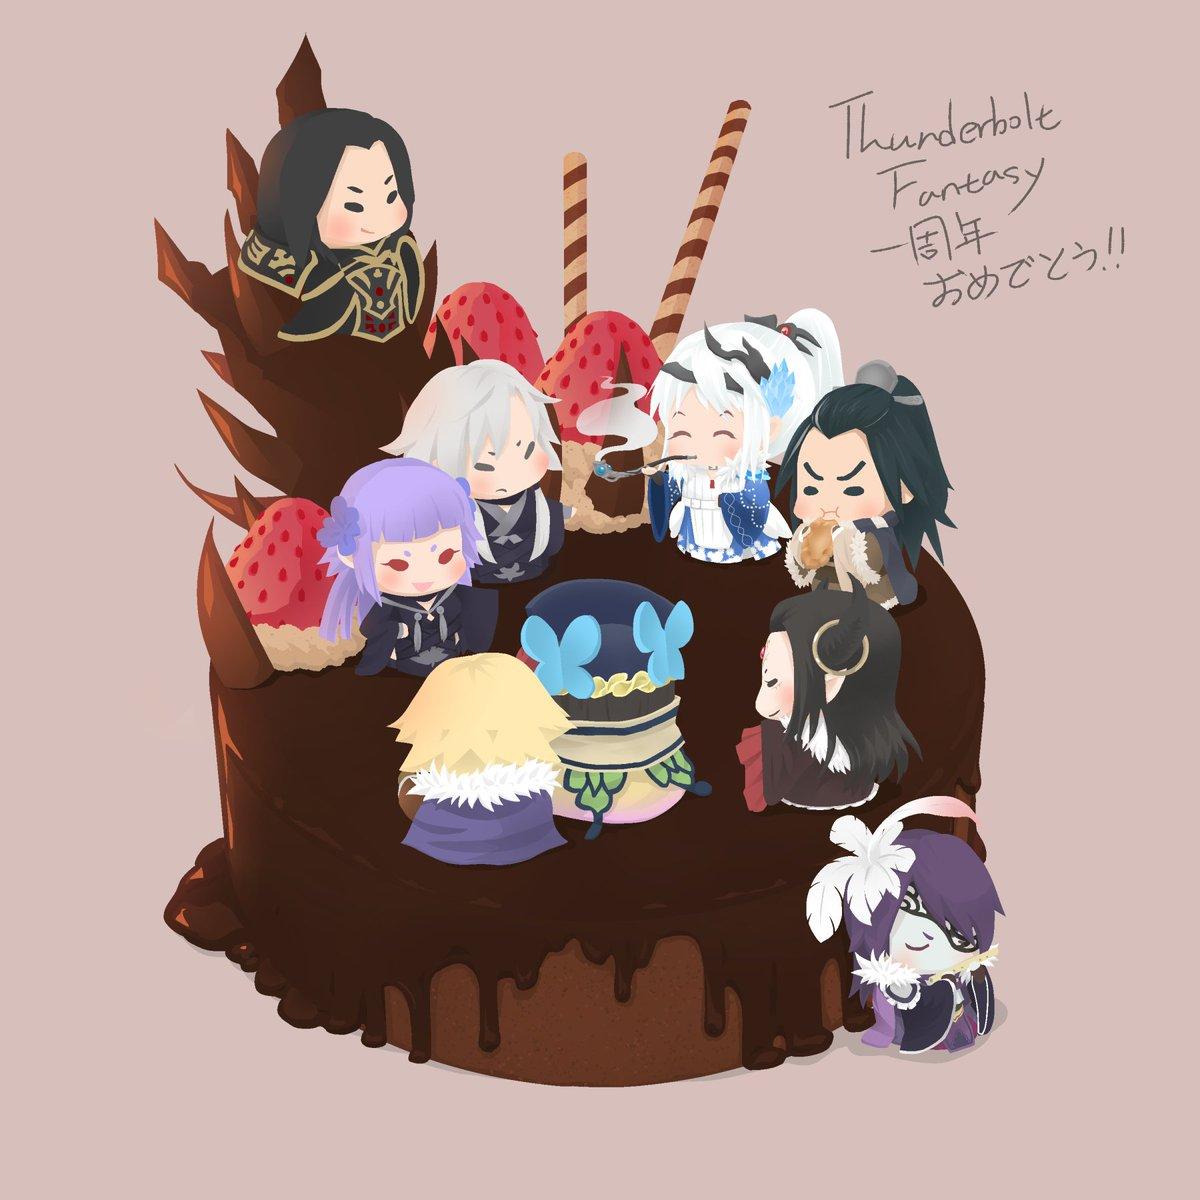 遲到的東離一周年賀圖!!😚送上魔脊山黑巧克力蛋糕!!サンファン一周年おめでとう!!#東離劍遊紀  #Thunderbol